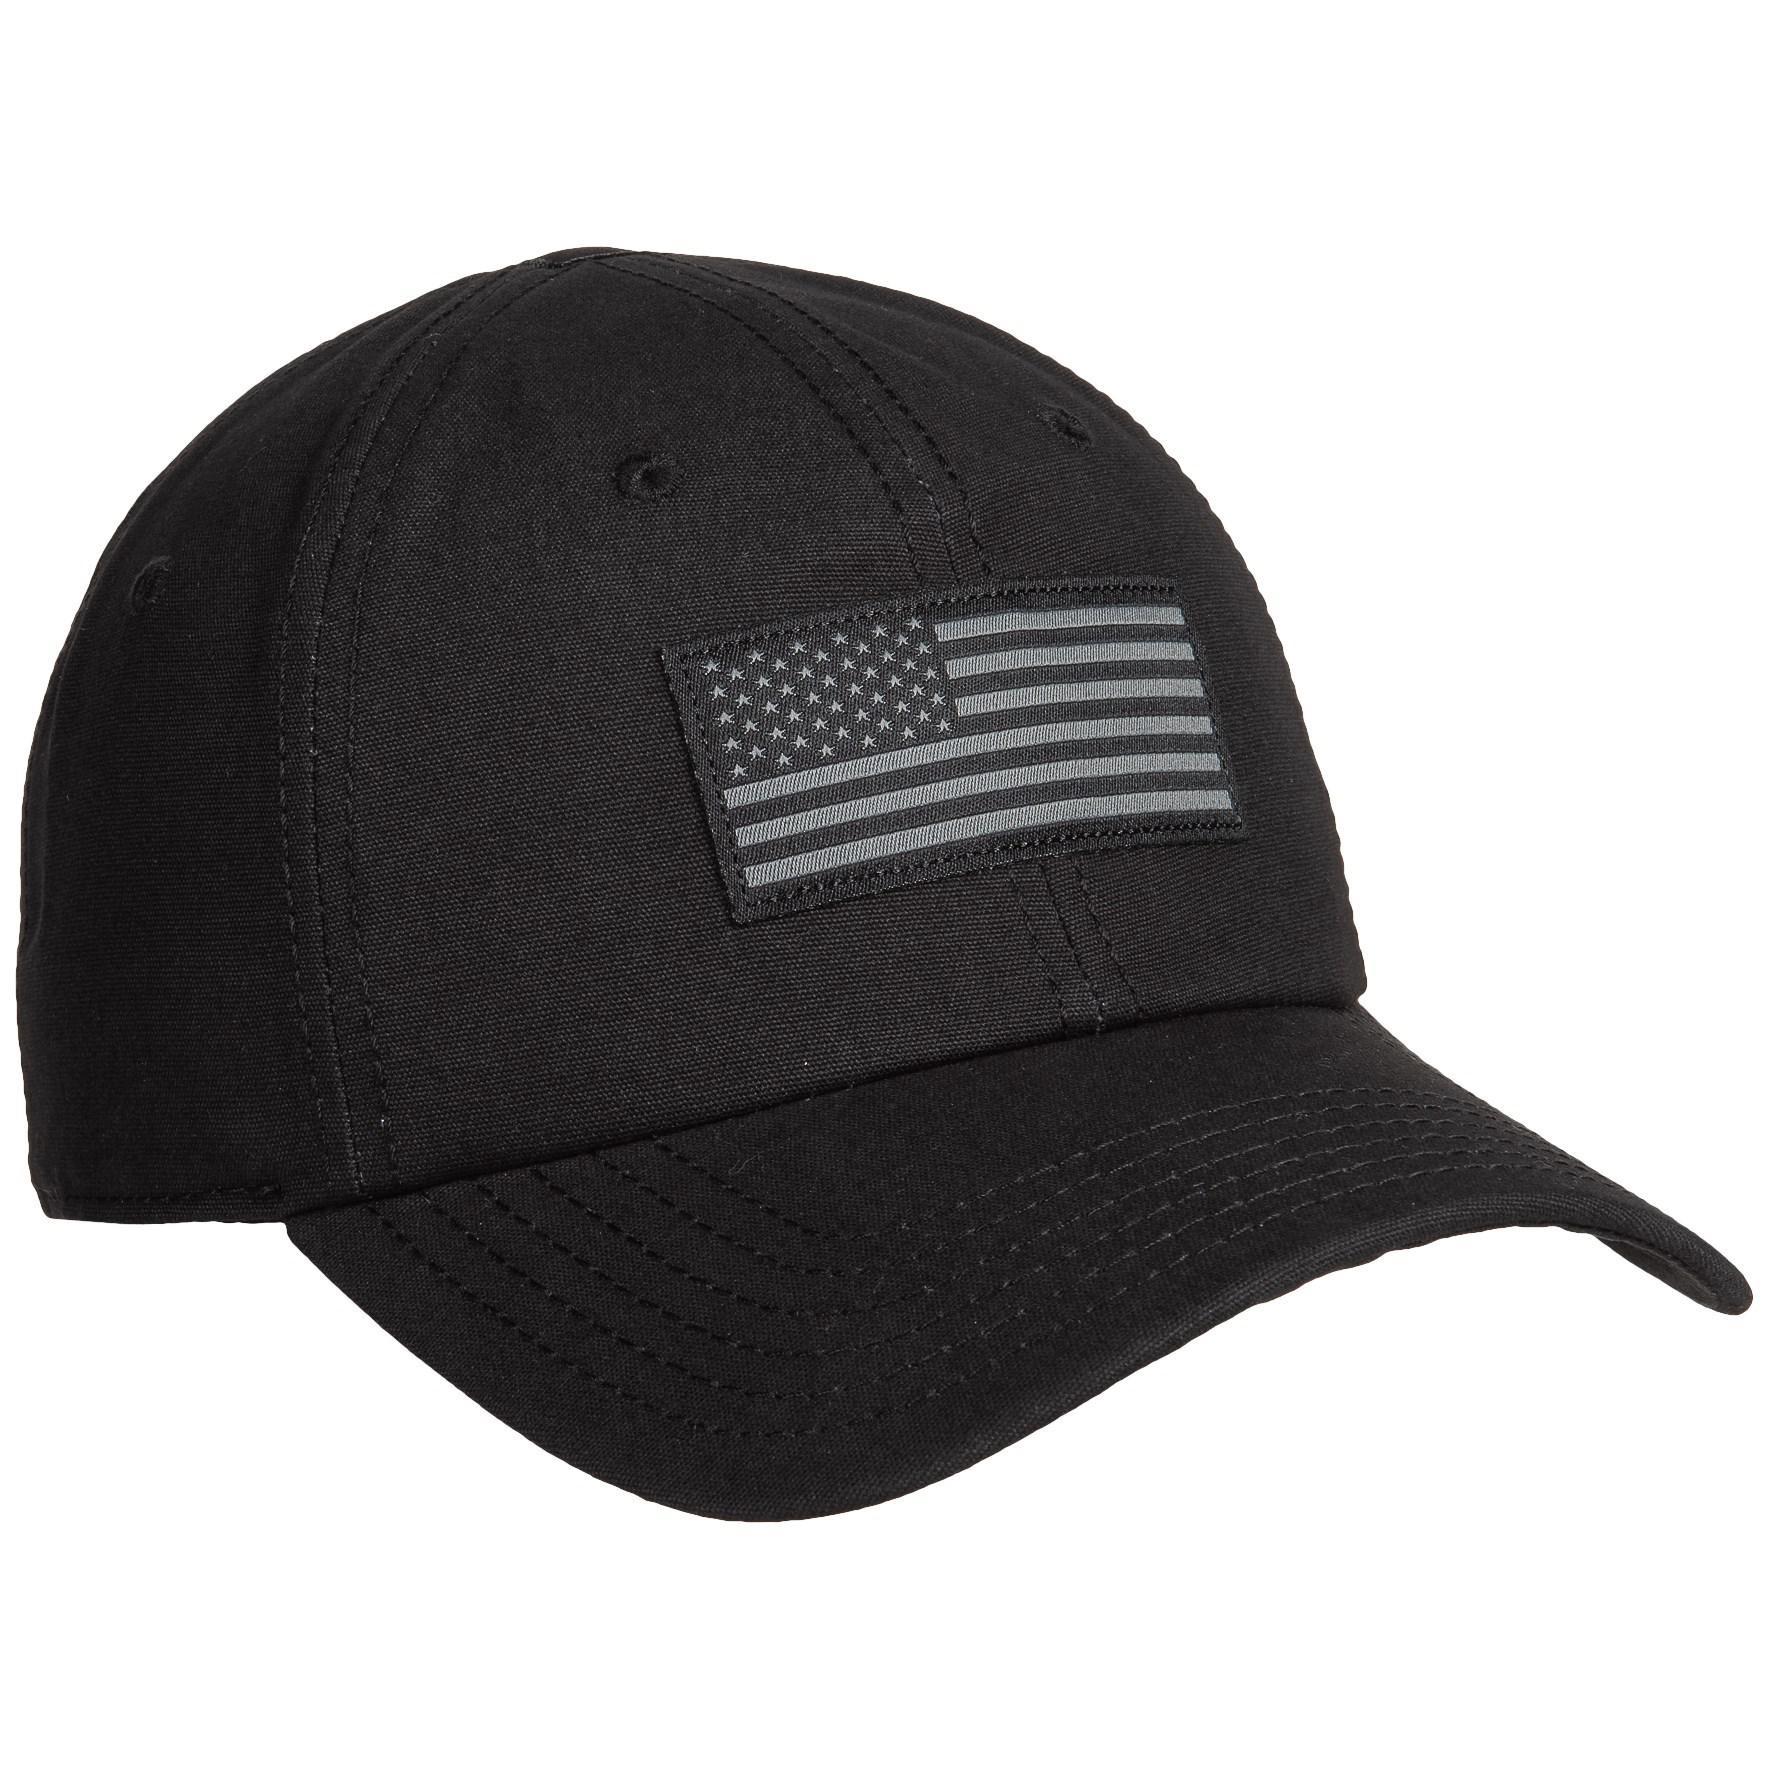 Lyst - Magnum Flag Baseball Cap (for Men) in Black for Men 6957e711fe40